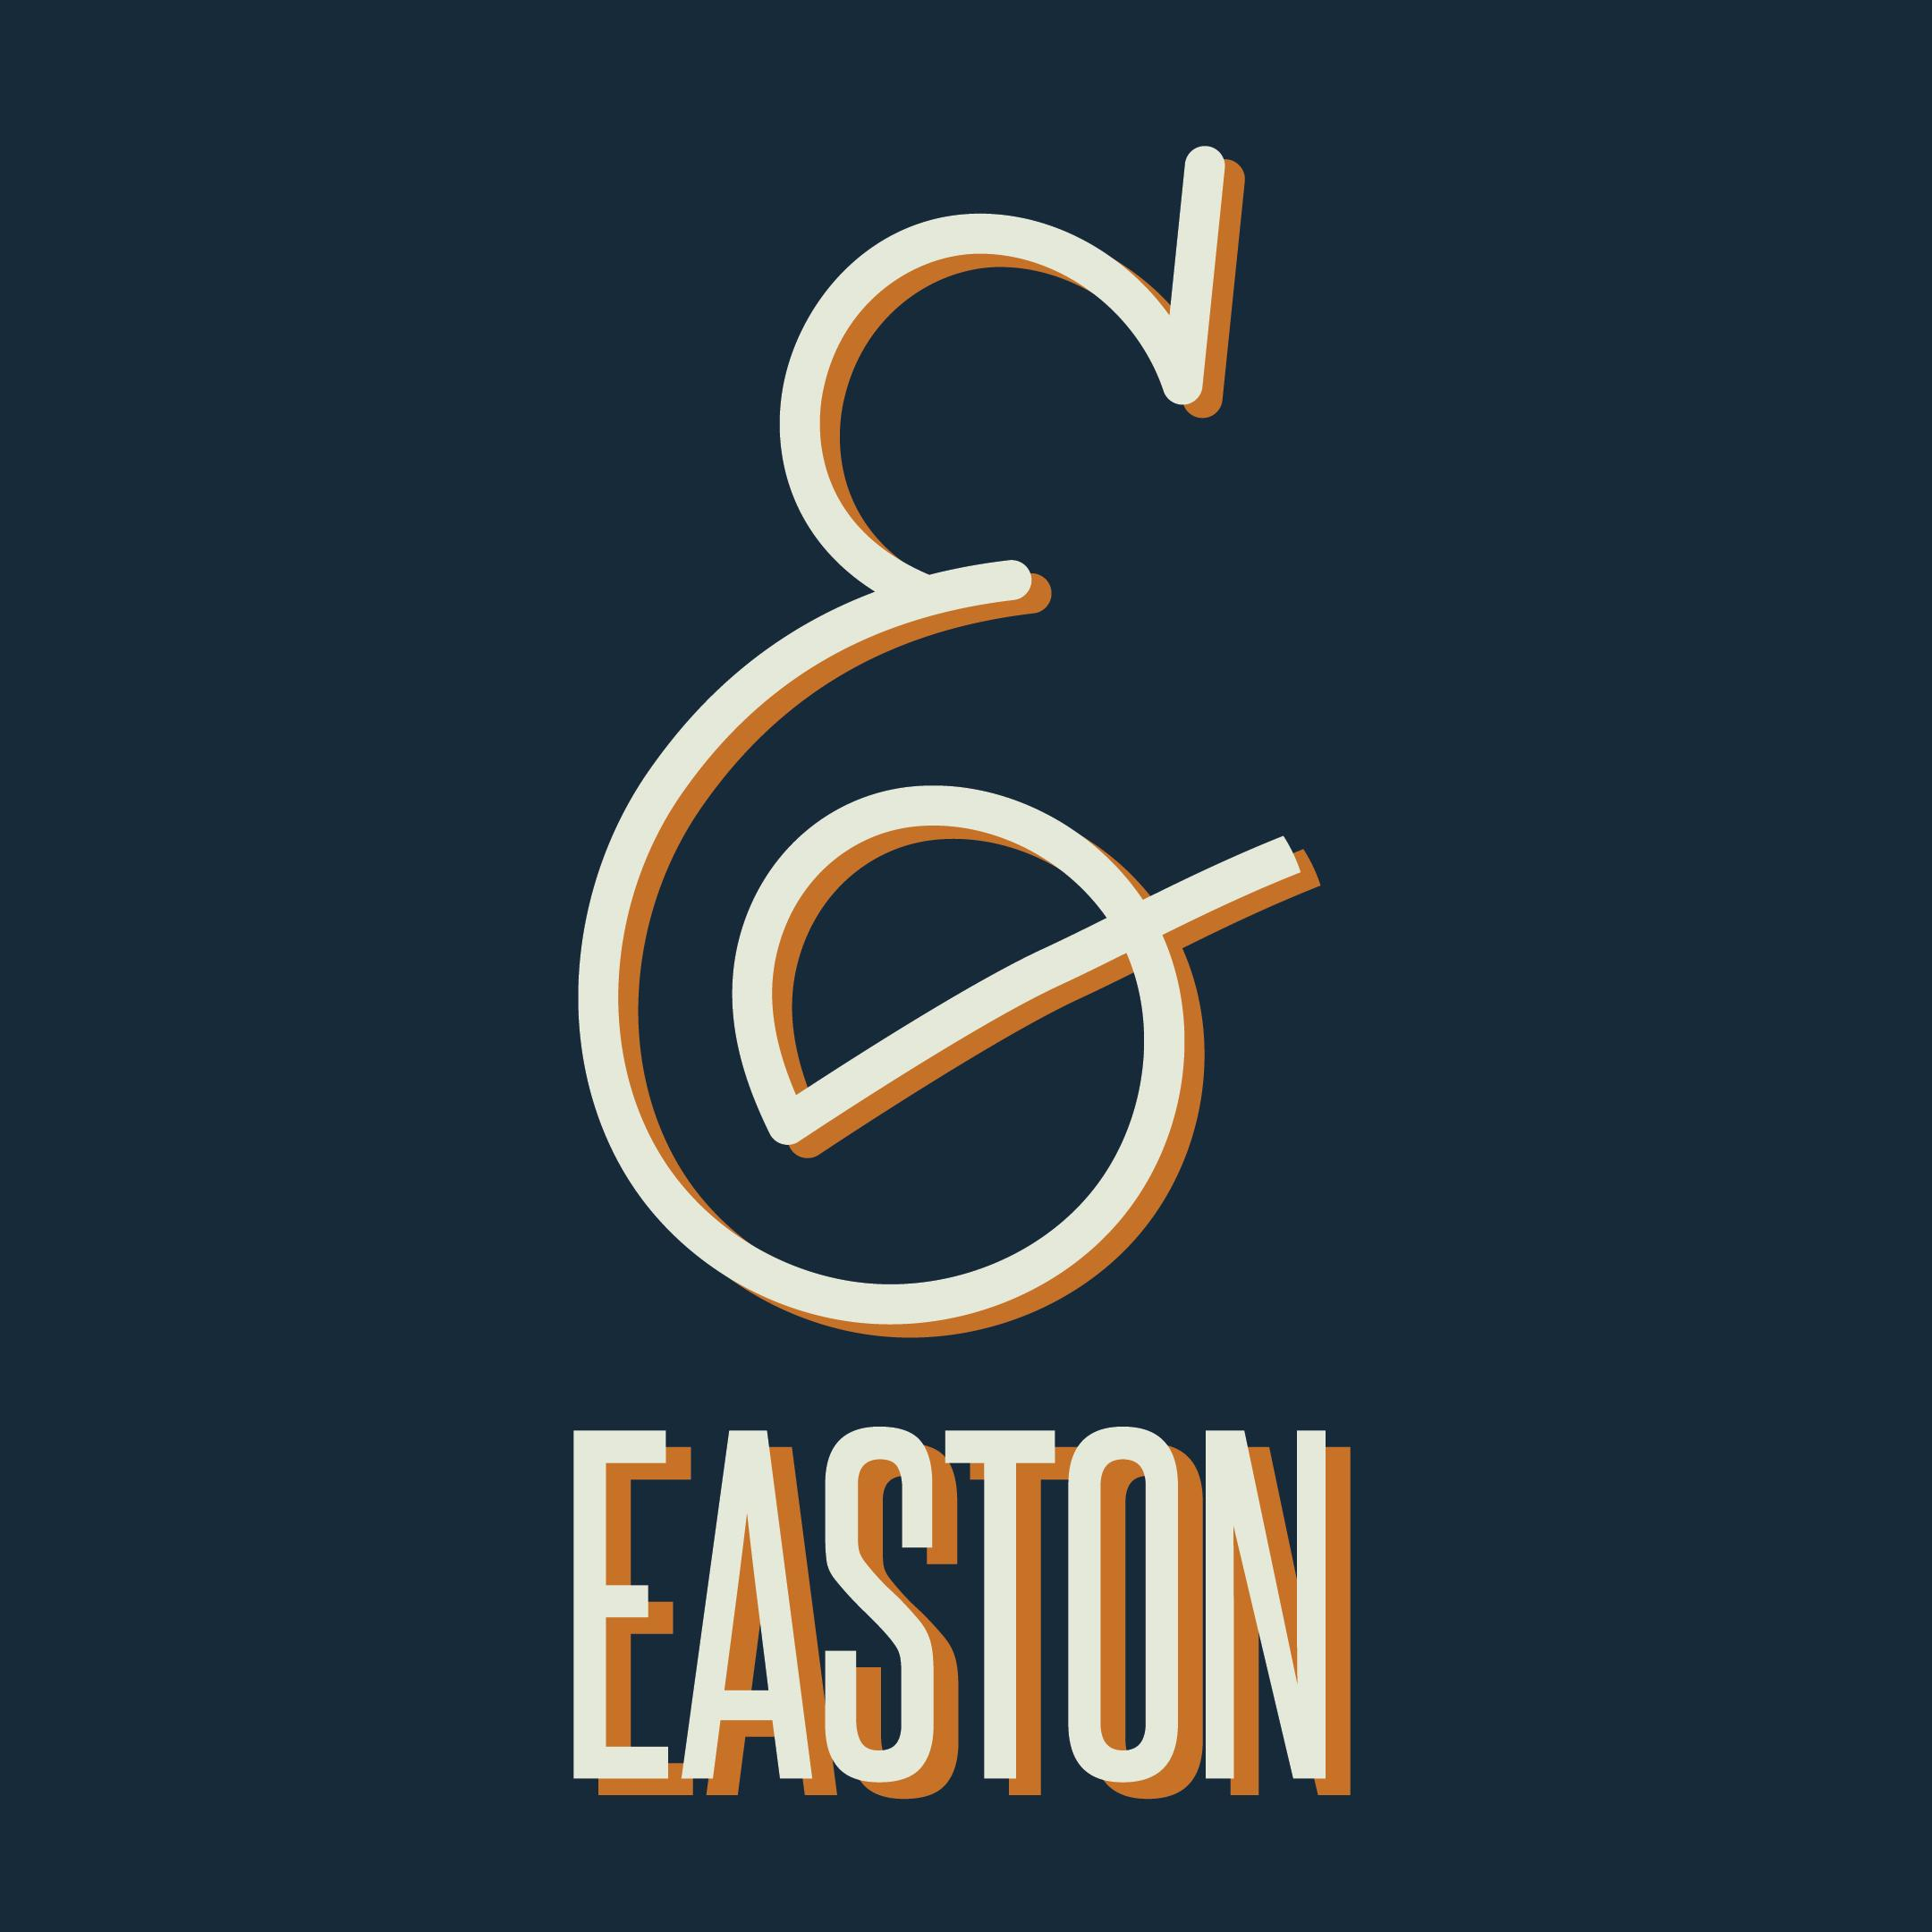 The Easton